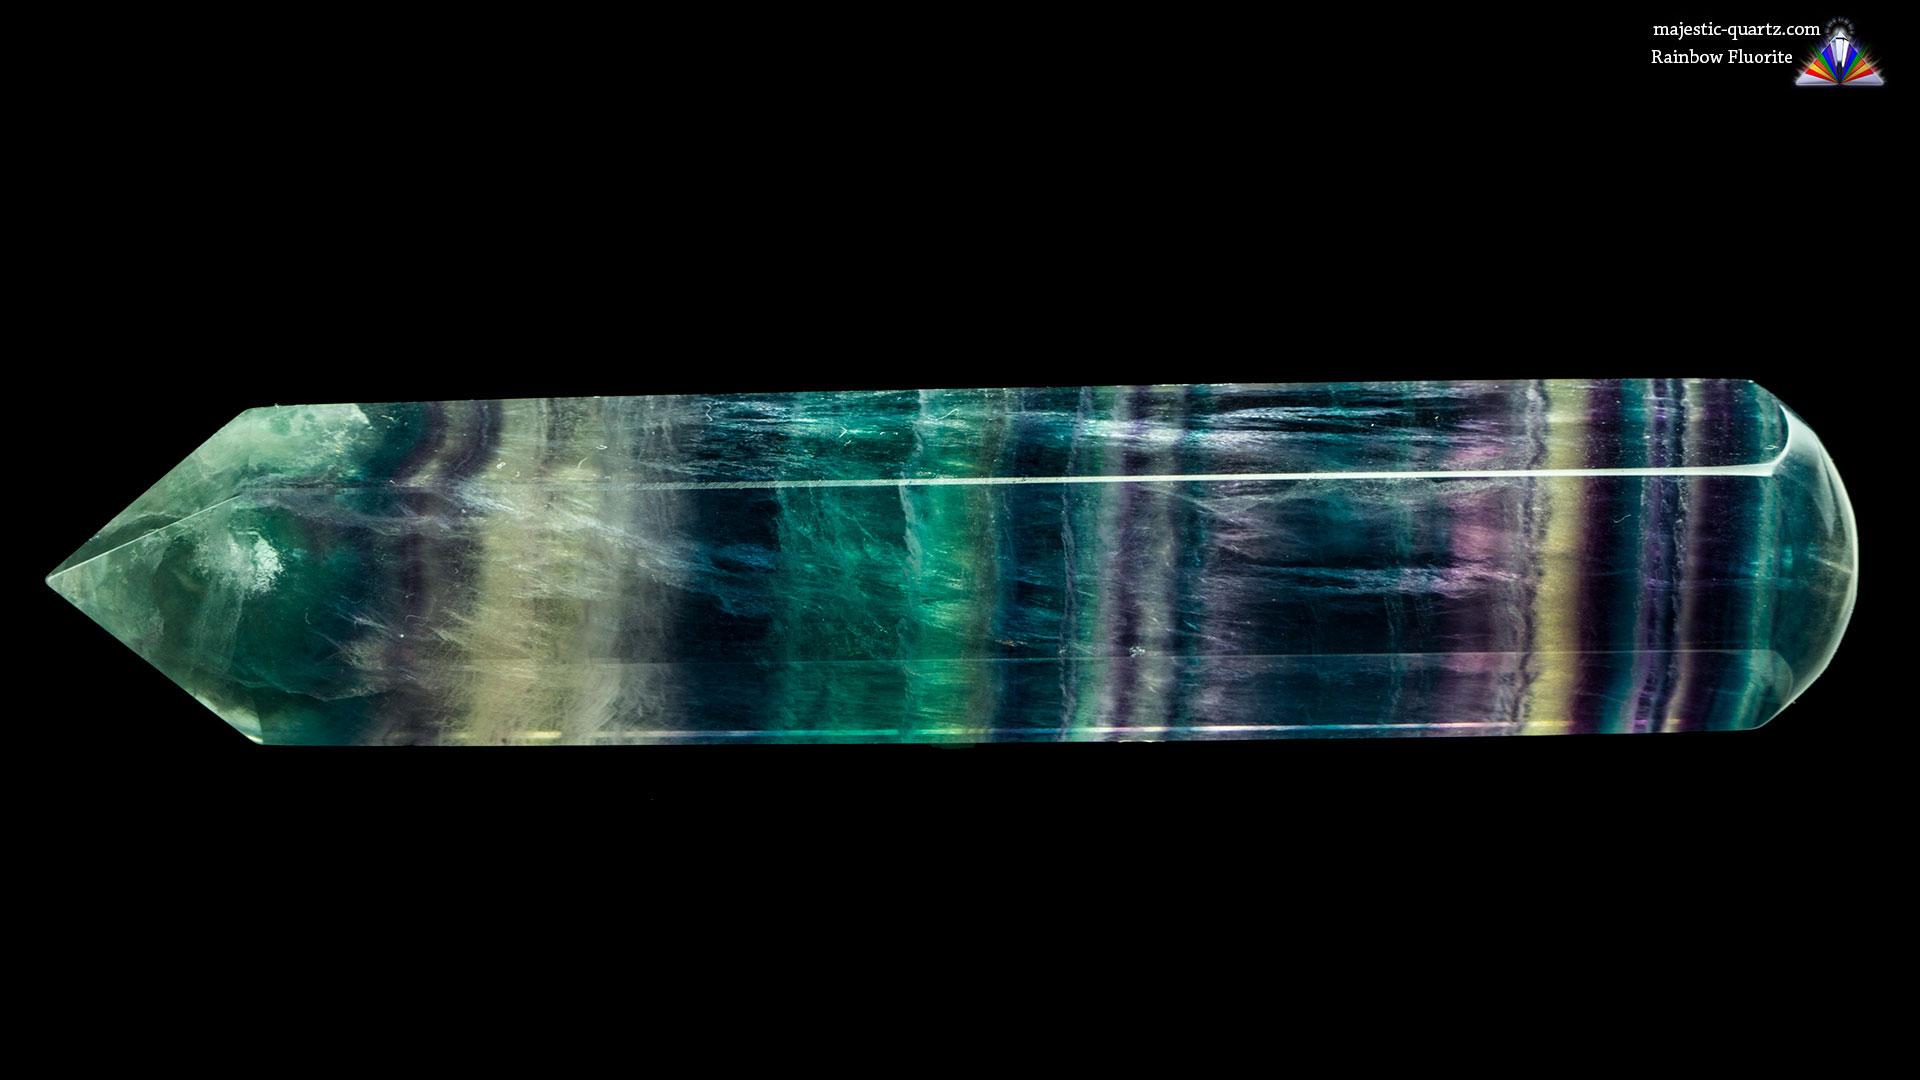 Rainbow Fluorite Massage Wand - Photograph by Anthony Bradford